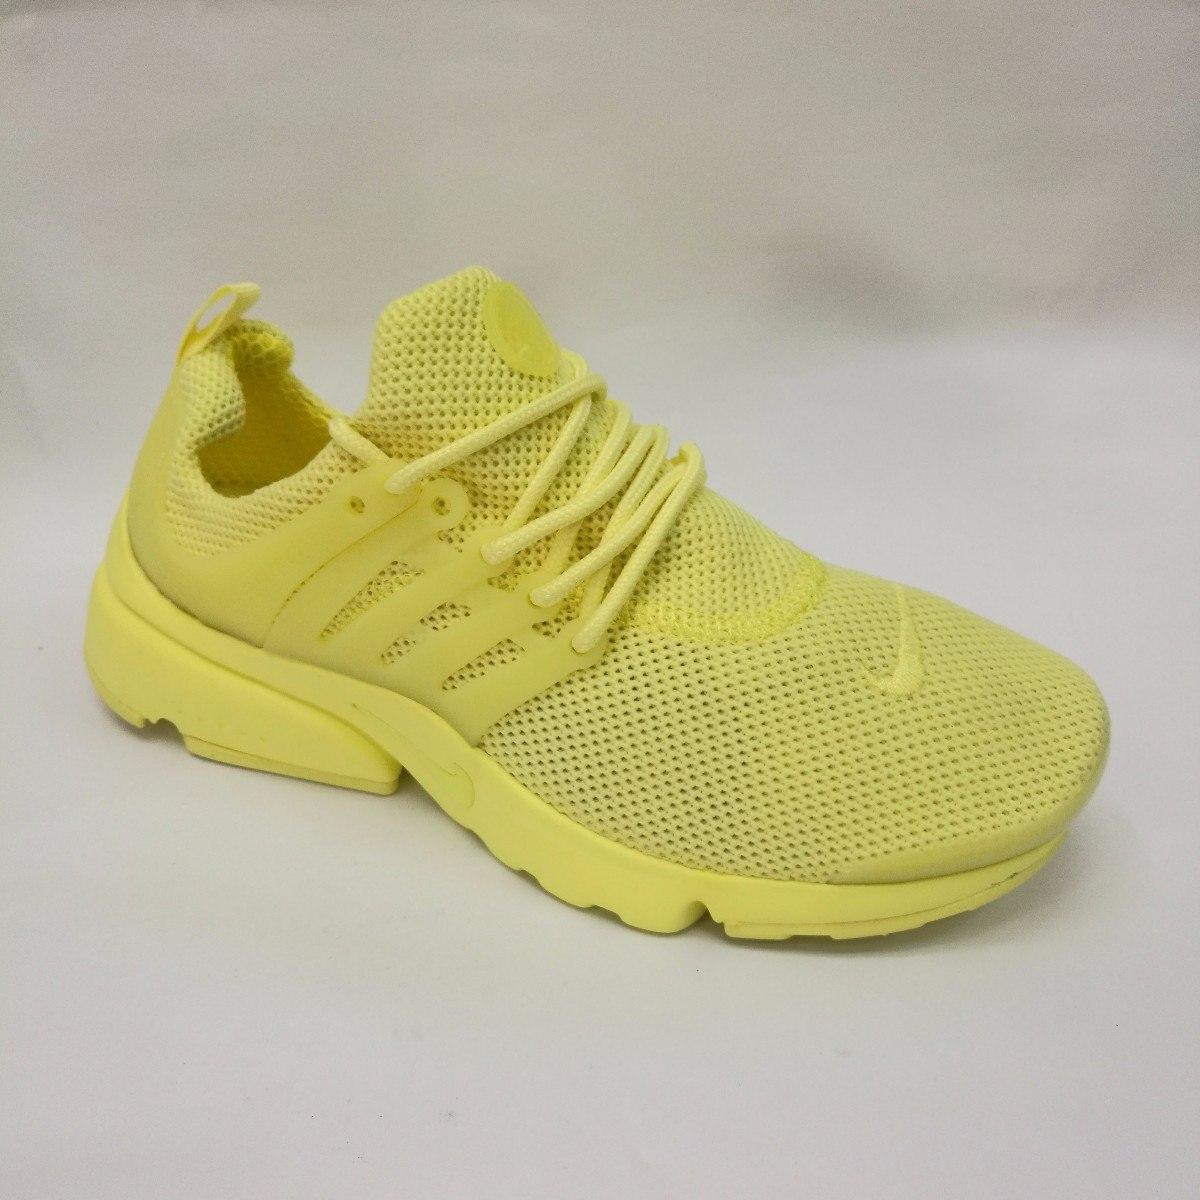 revolución Decorativo cartucho  nike presto amarillas mujer Shop Clothing & Shoes Online